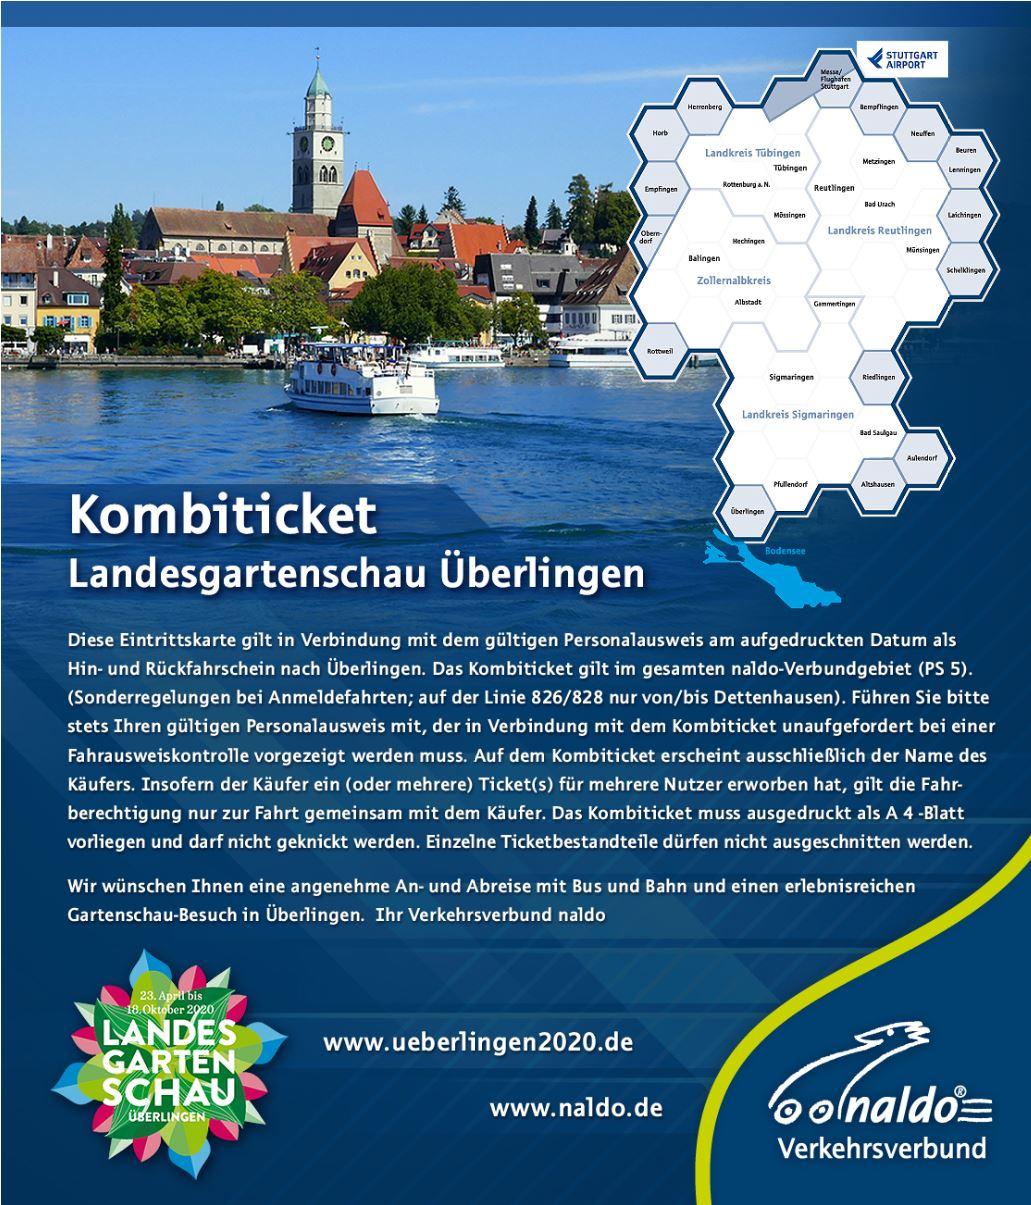 Image for Kombiticket LGS Überlingen + naldo Verkehrsverbund Neckar-Alb-Donau